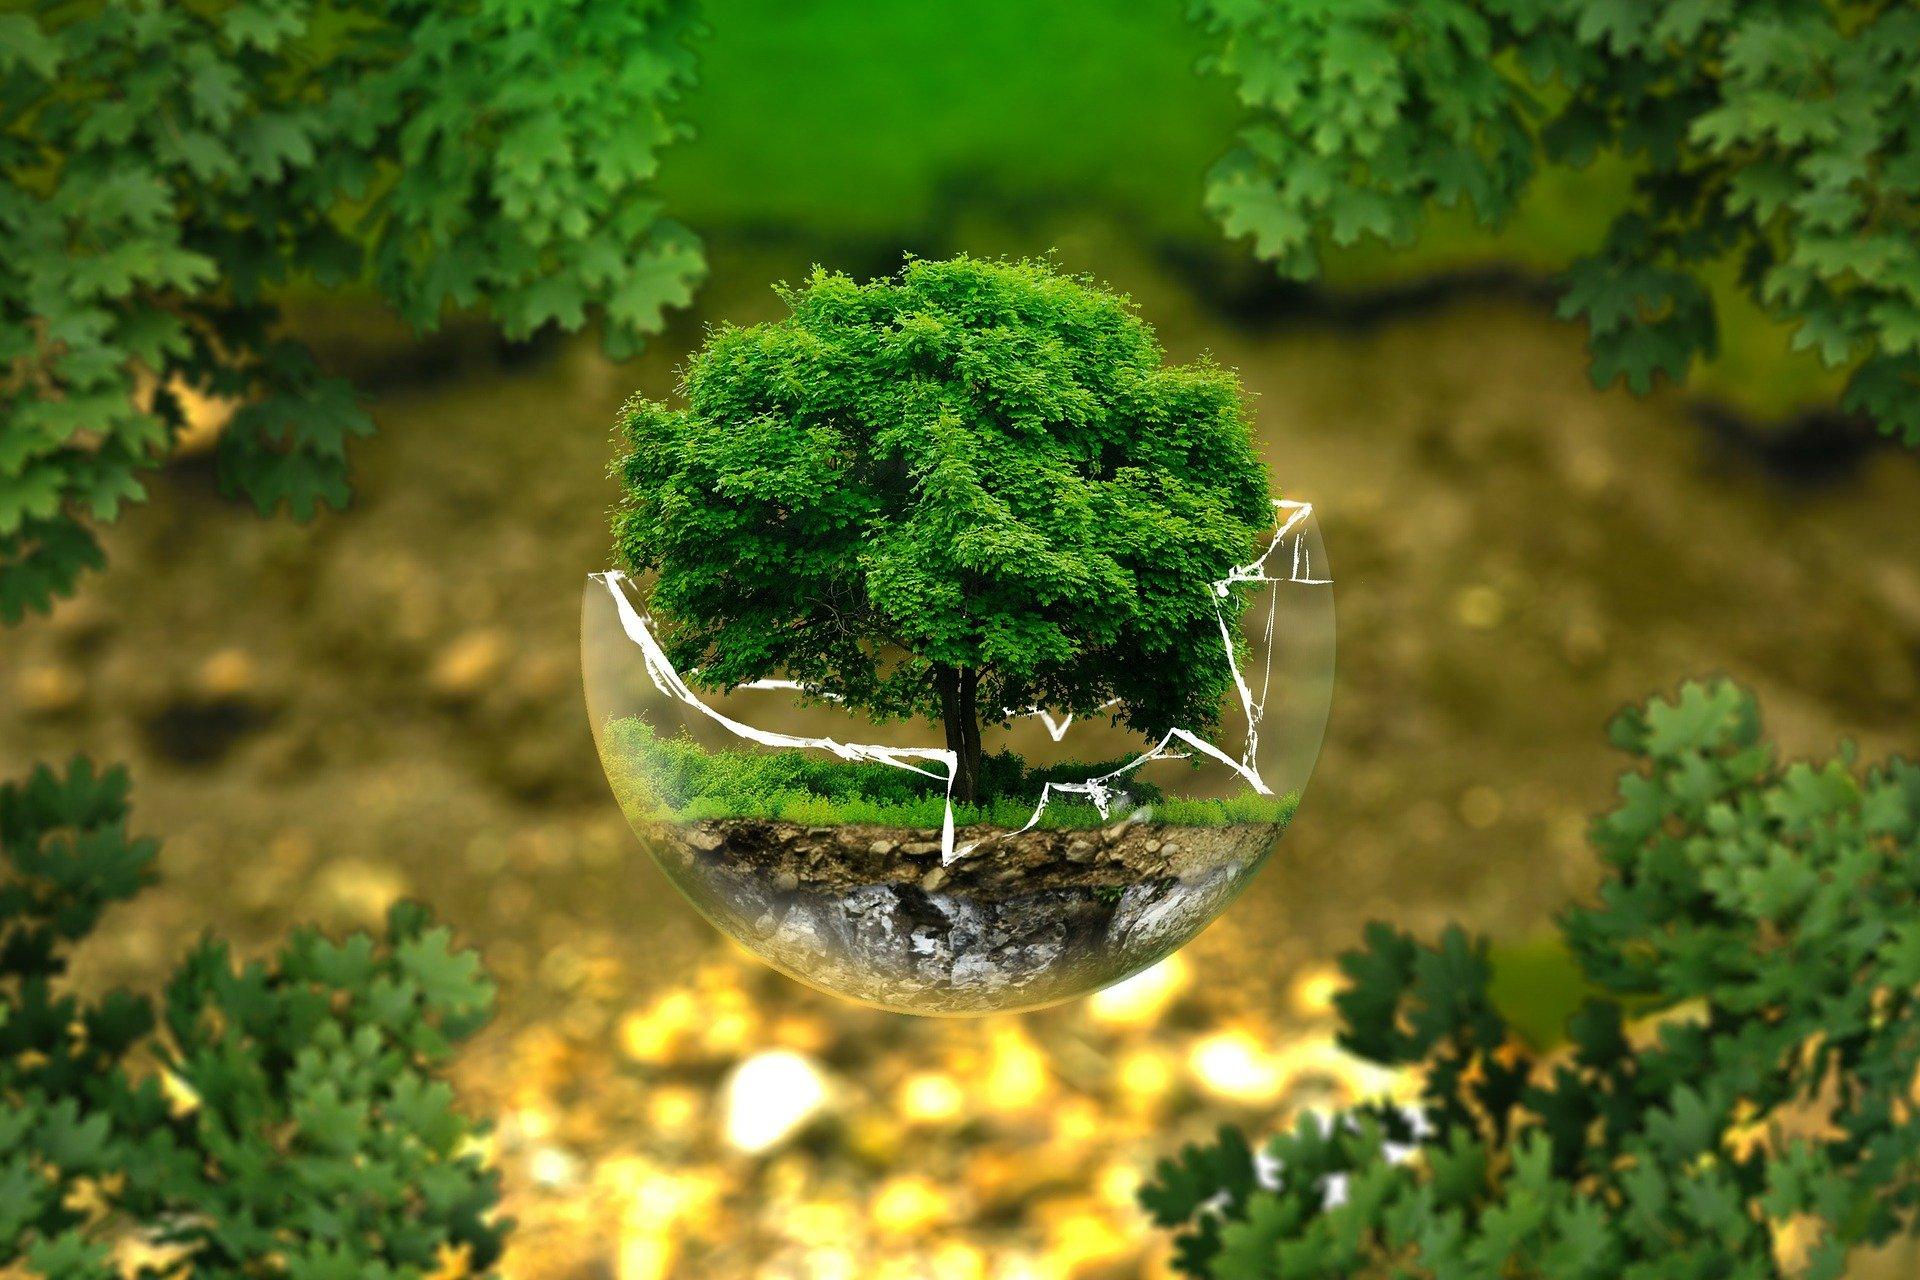 Sic transit gloria Mite: il nuovo ministero per la transizione ecologica e le prime critiche